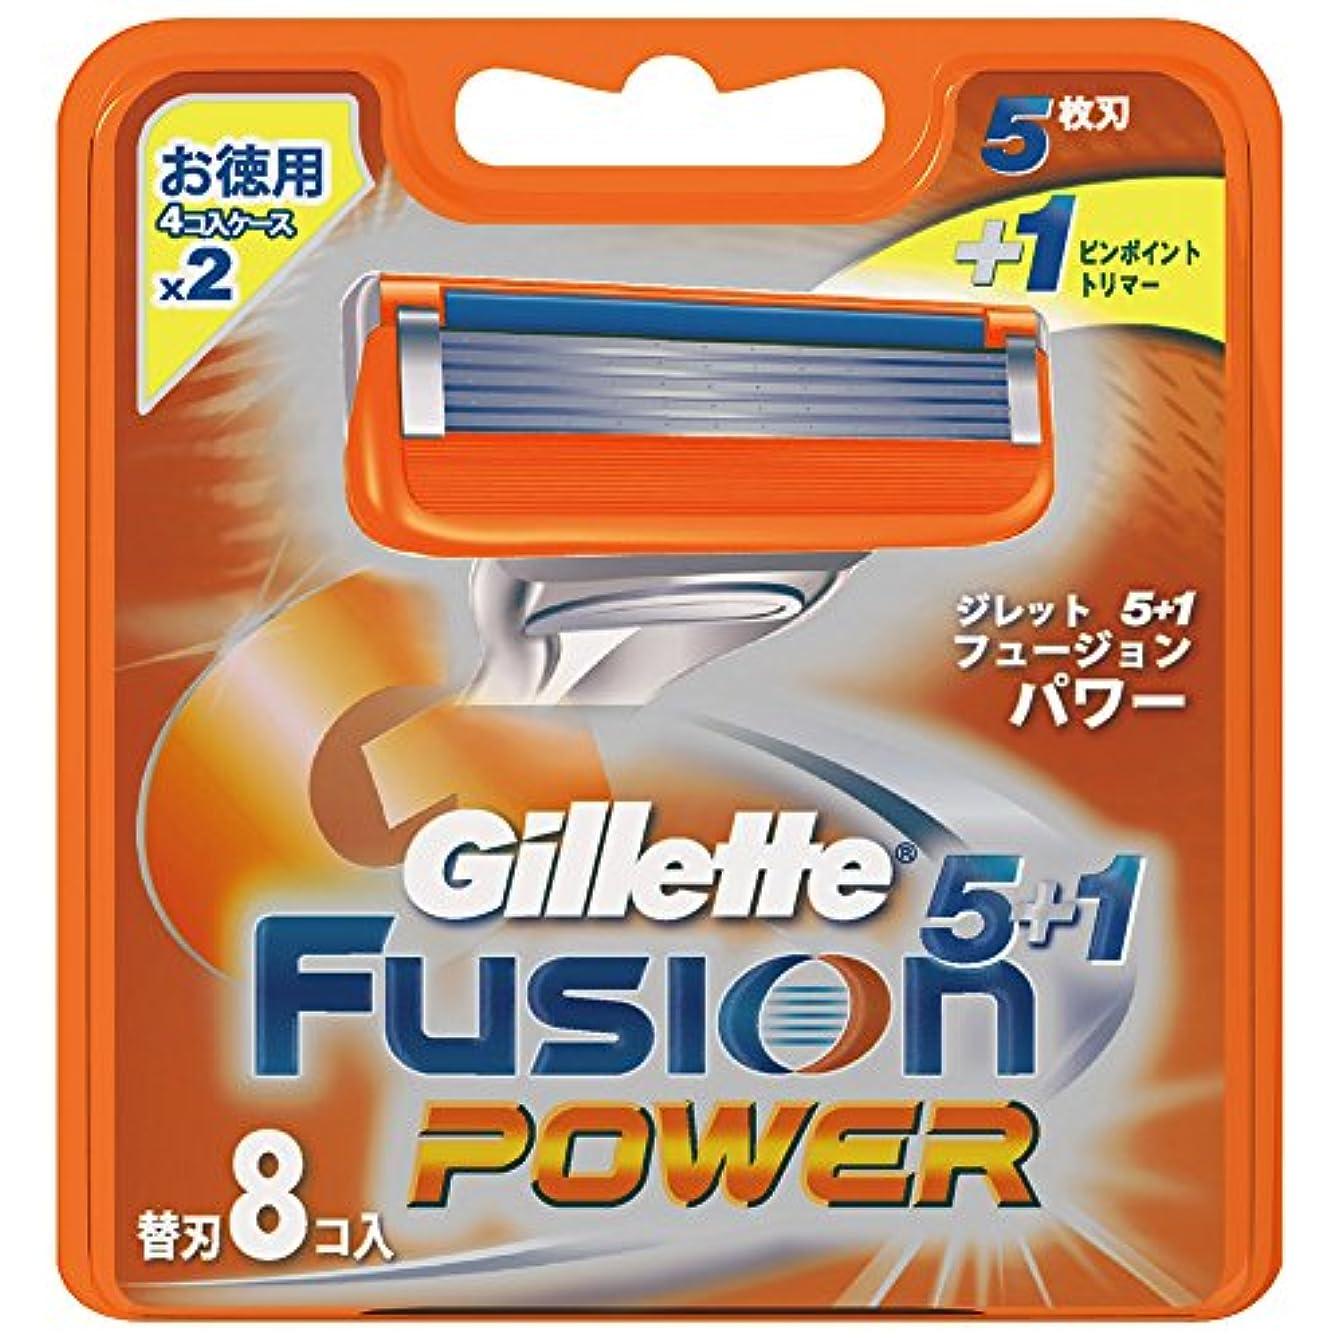 土器ファンシーヘルシージレット 髭剃り フュージョン5+1 パワー 替刃8個入